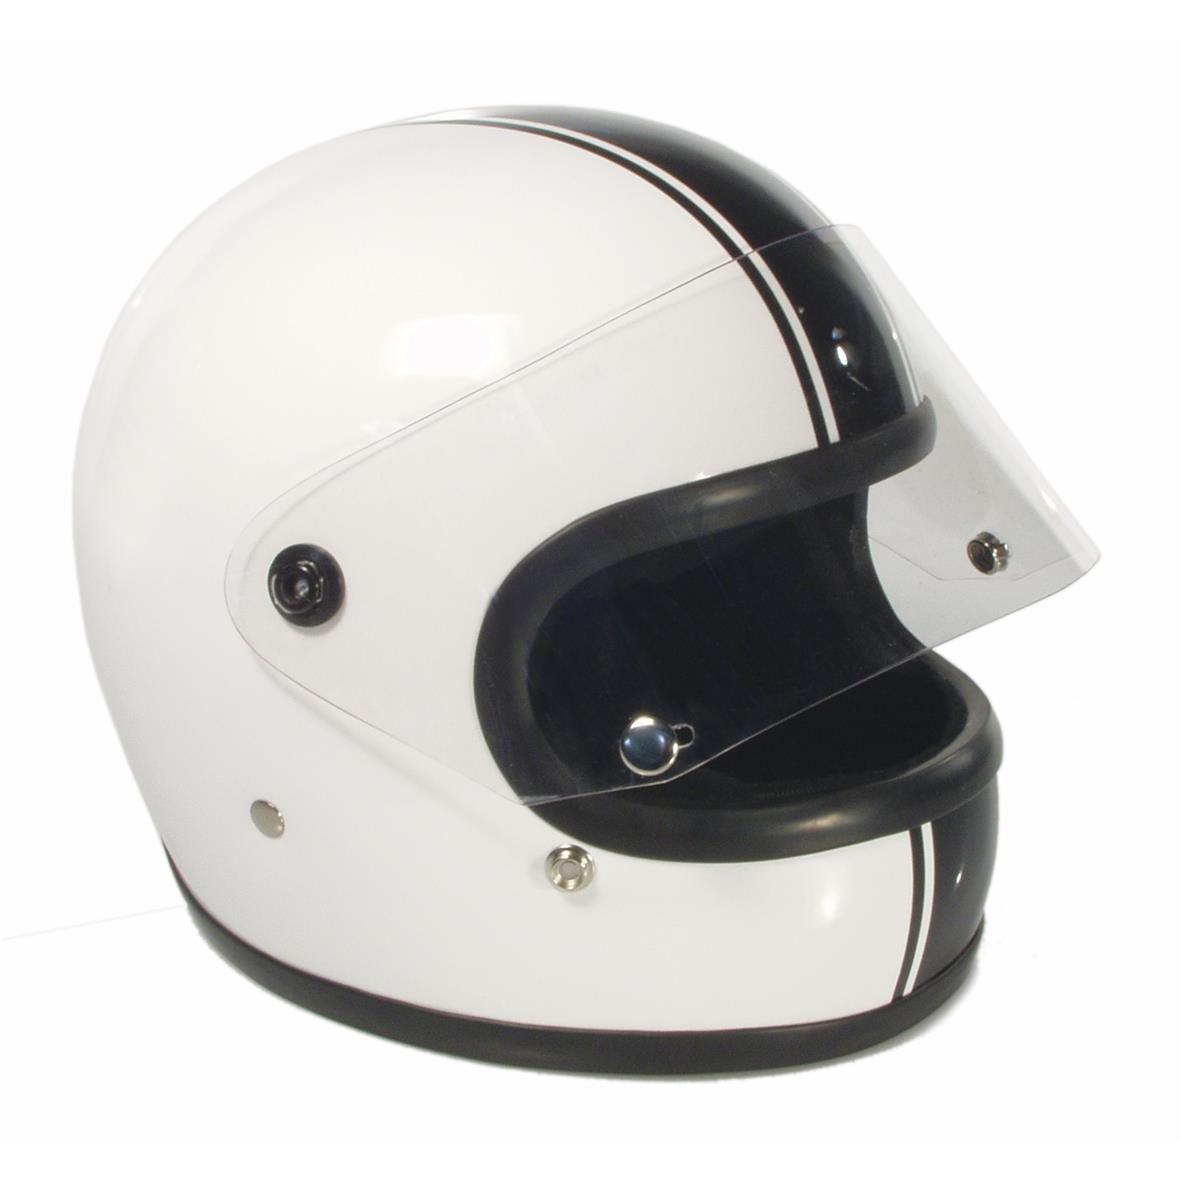 Produktbild für 'Helm BANDIT Integral'